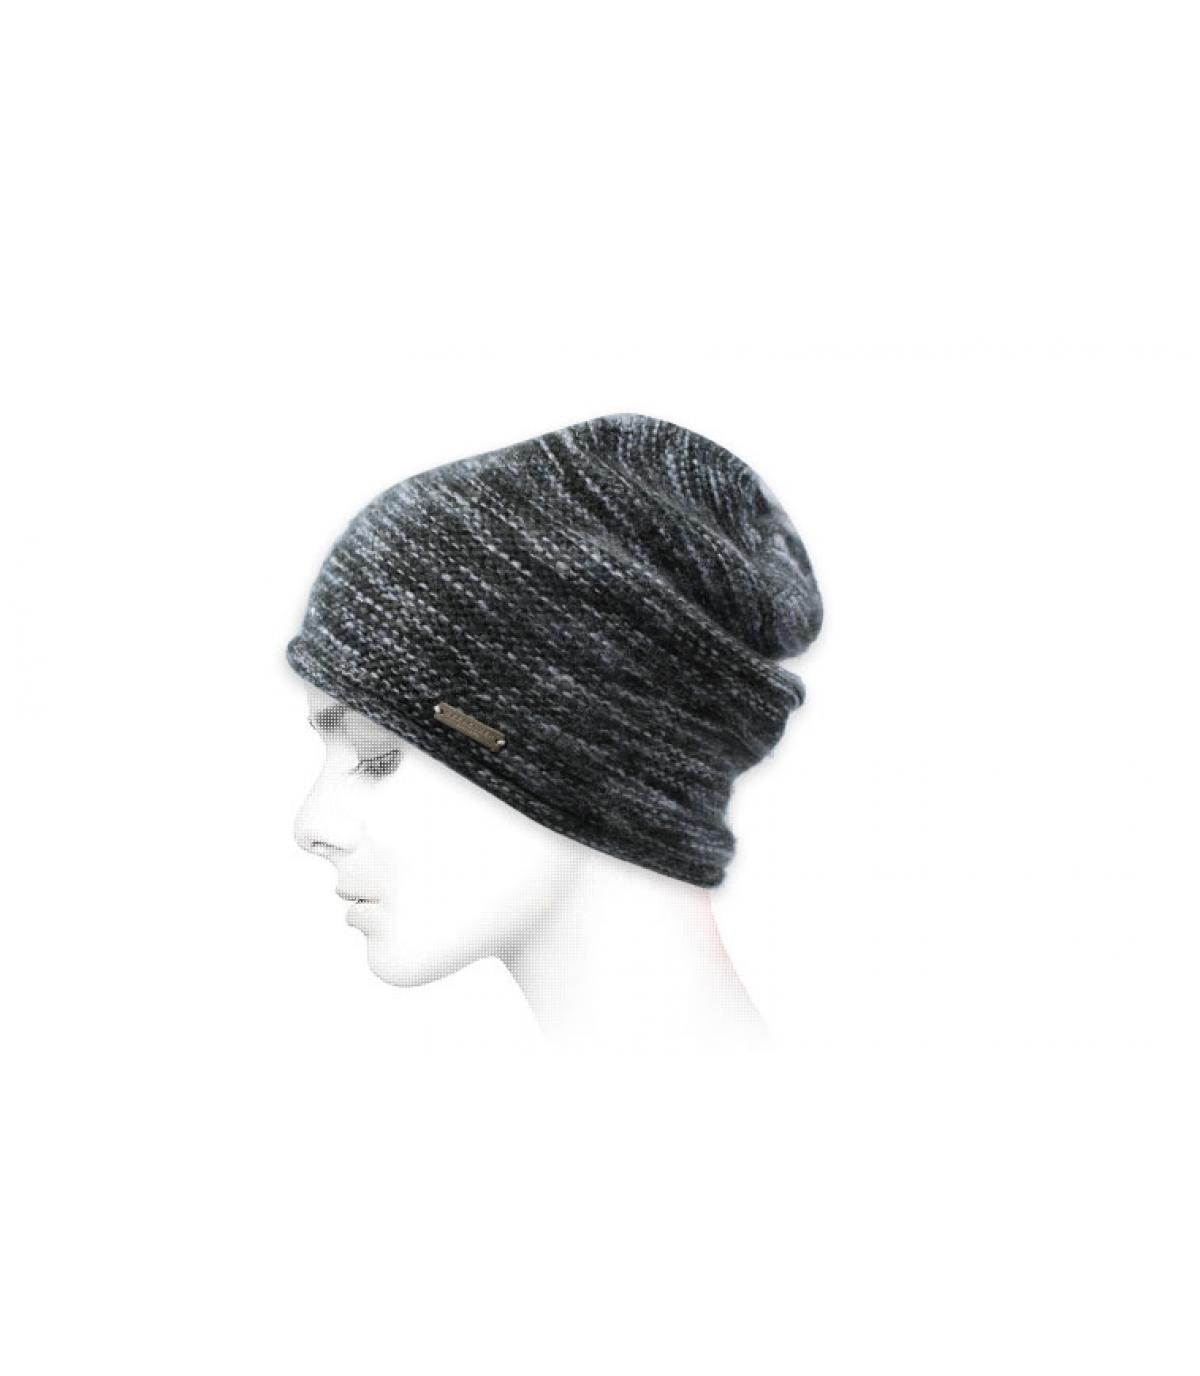 Grijze hoed van Seeberger